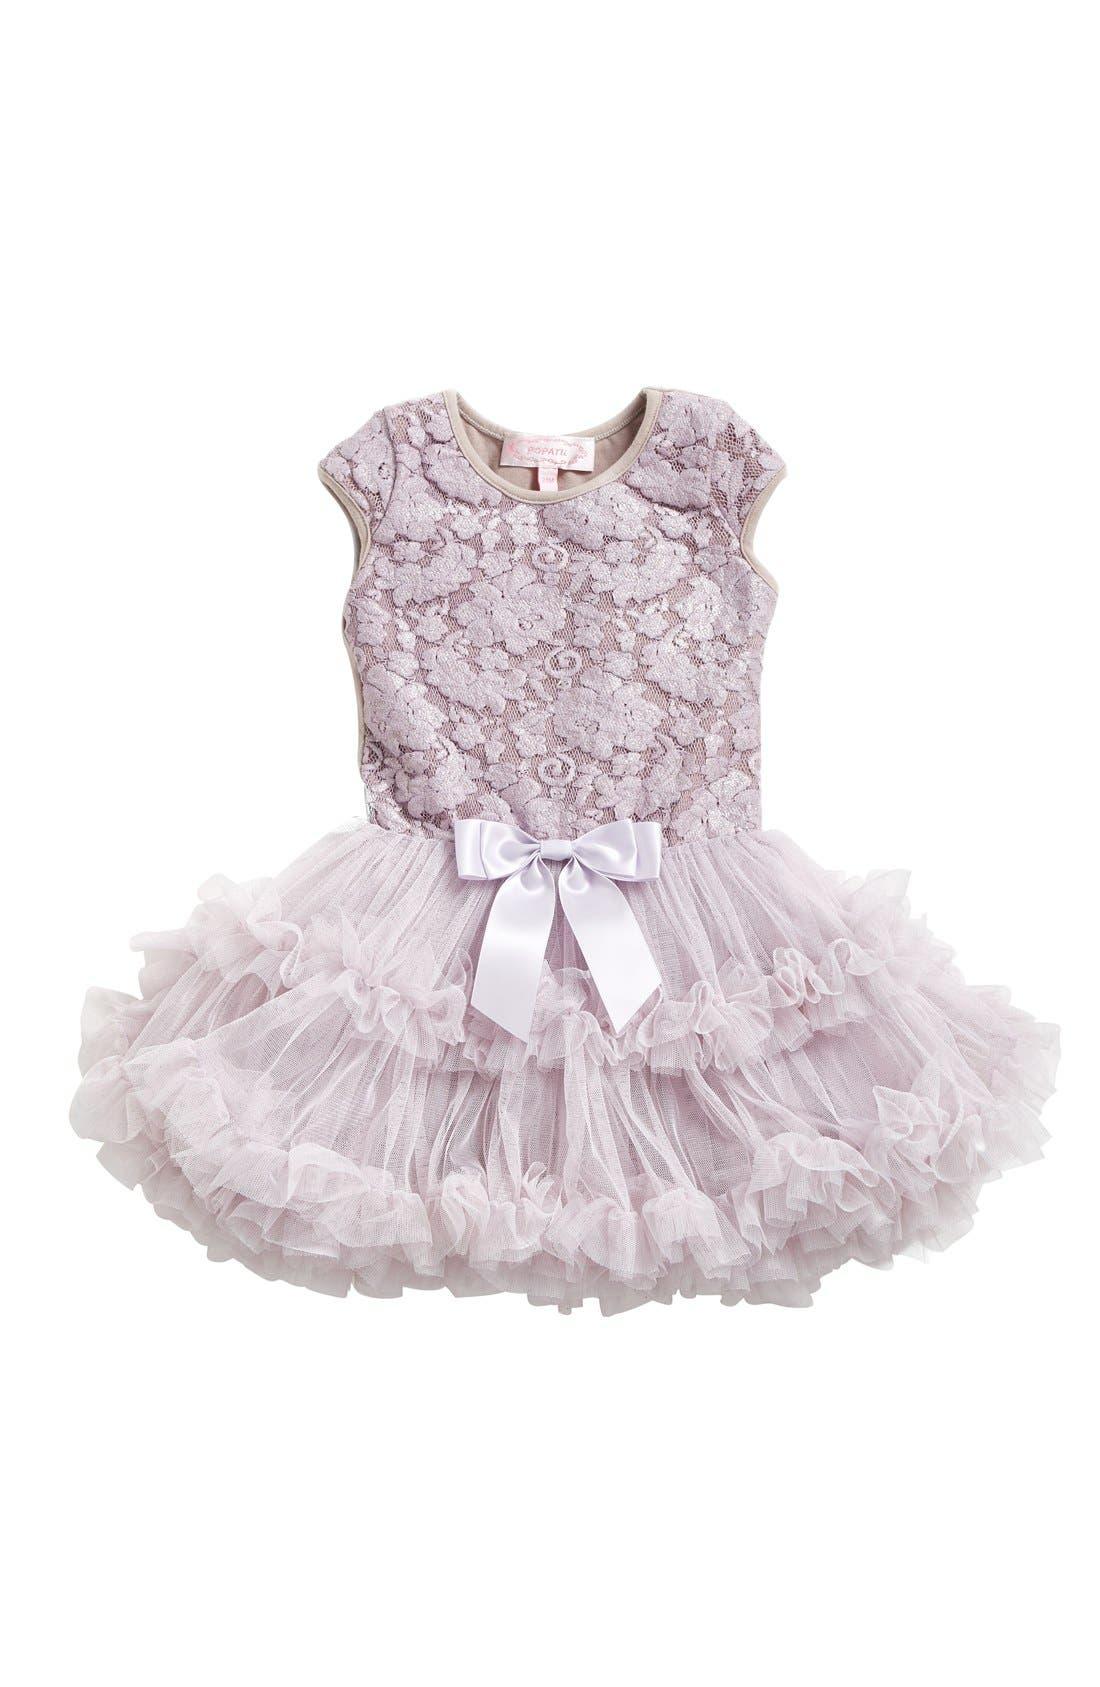 Main Image - Popatu Lace Pettidress (Baby Girls)